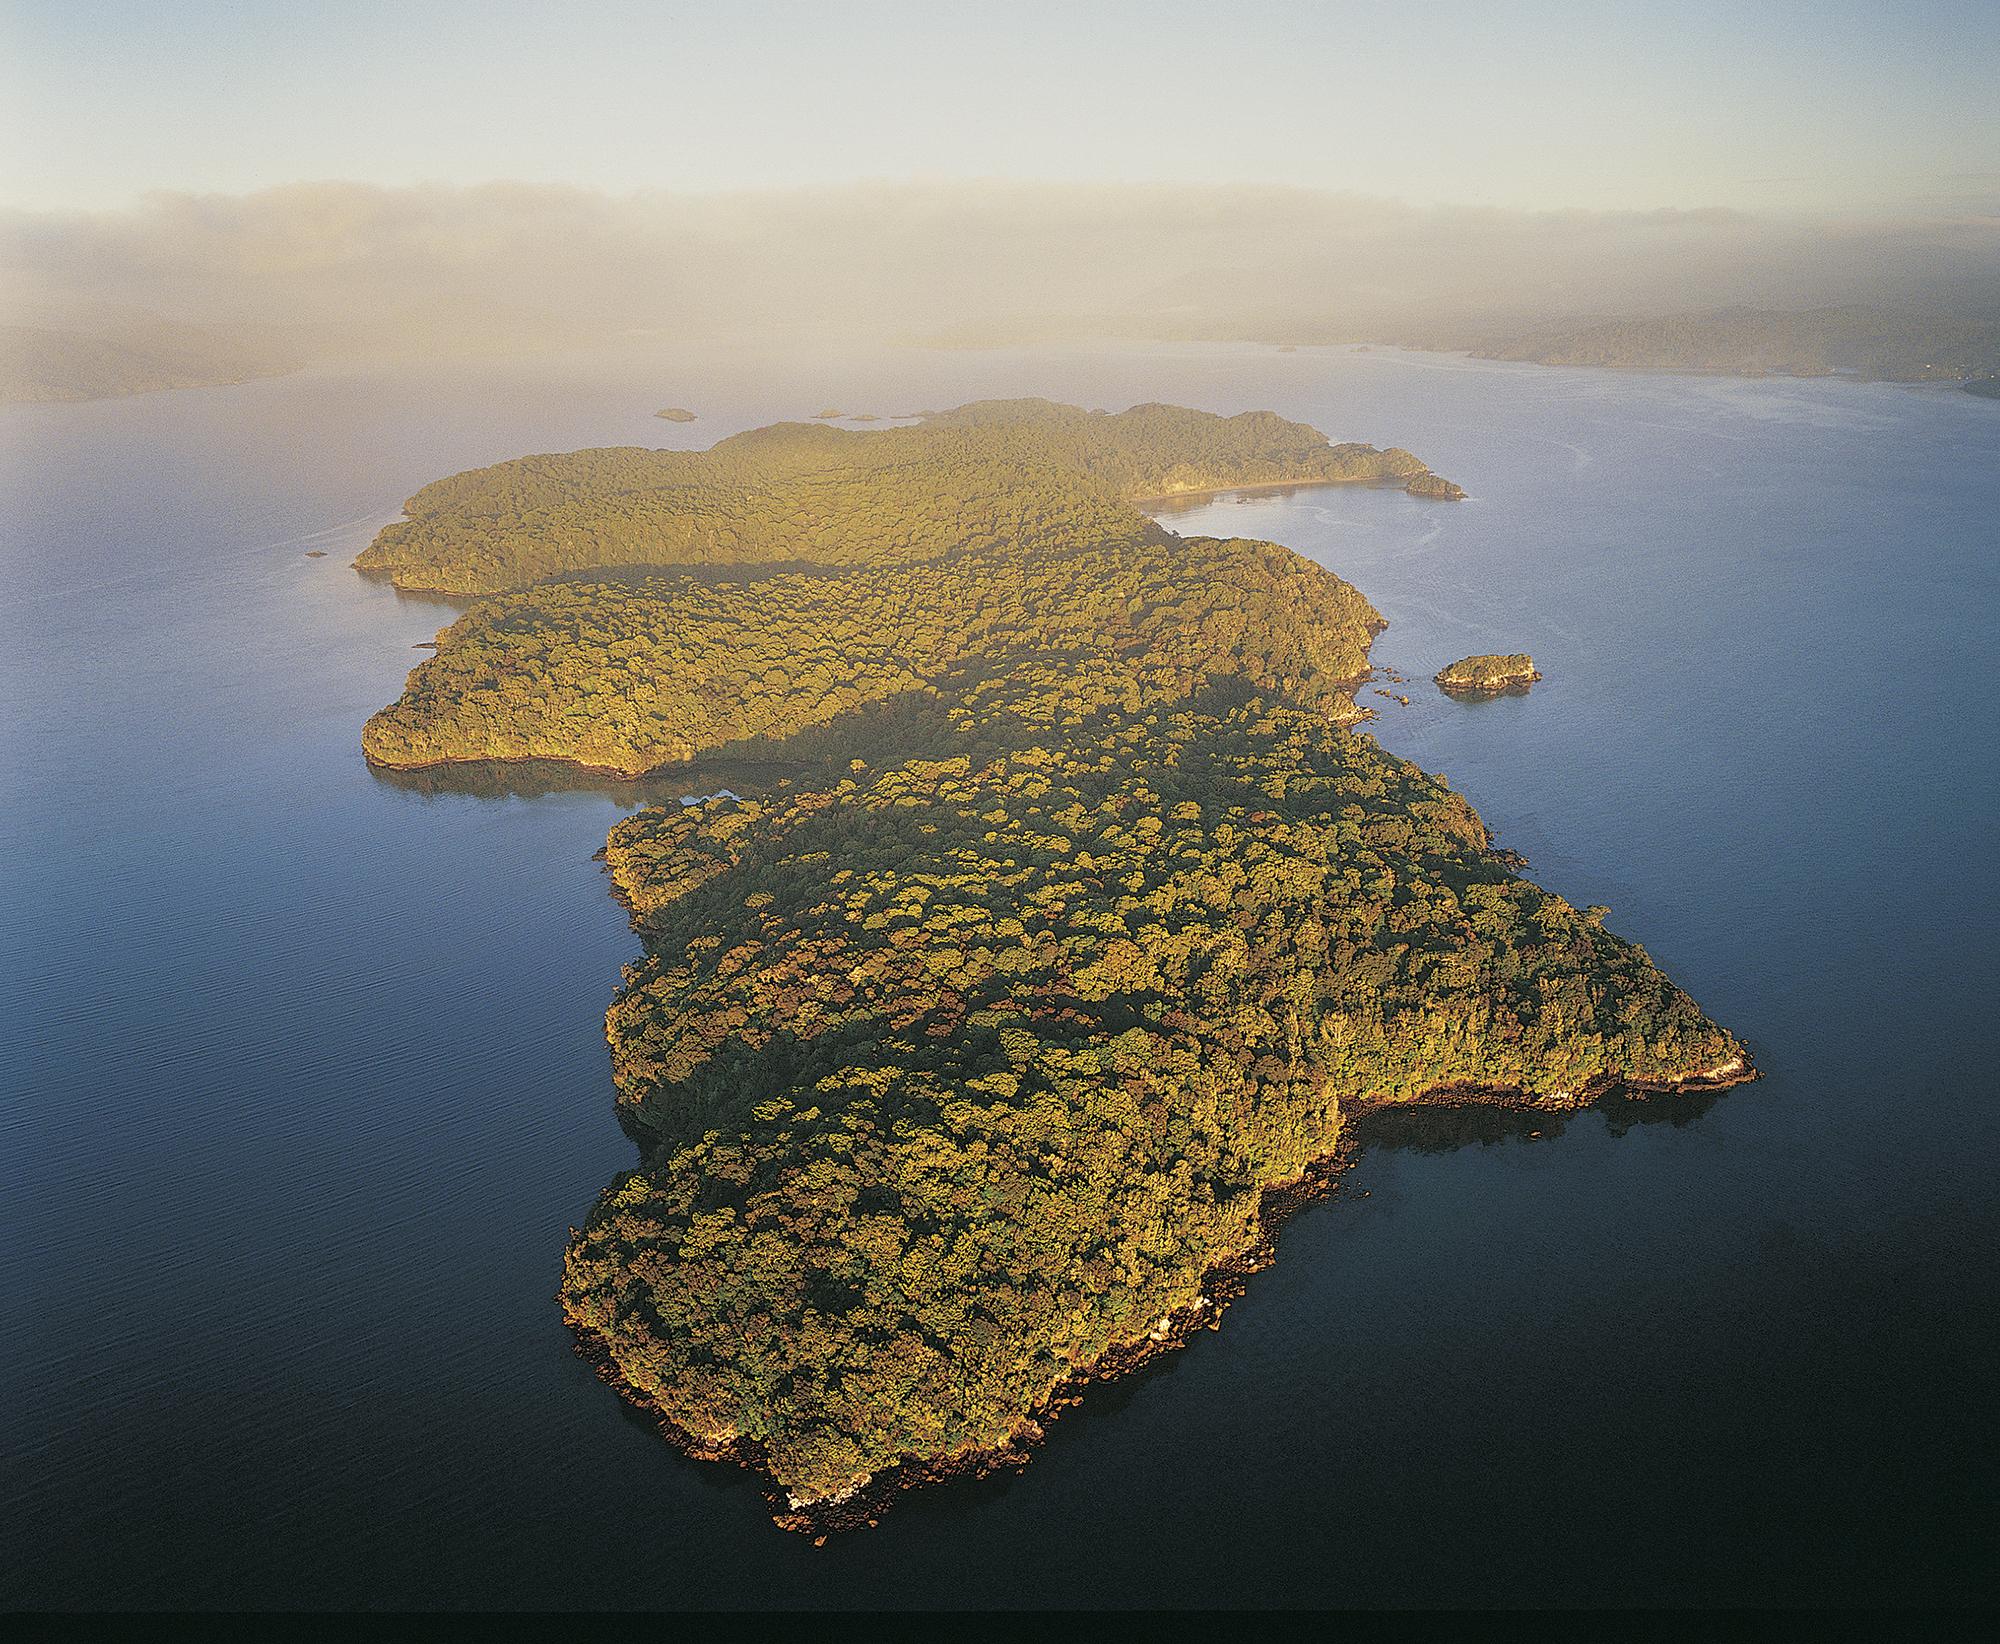 Ulva Island